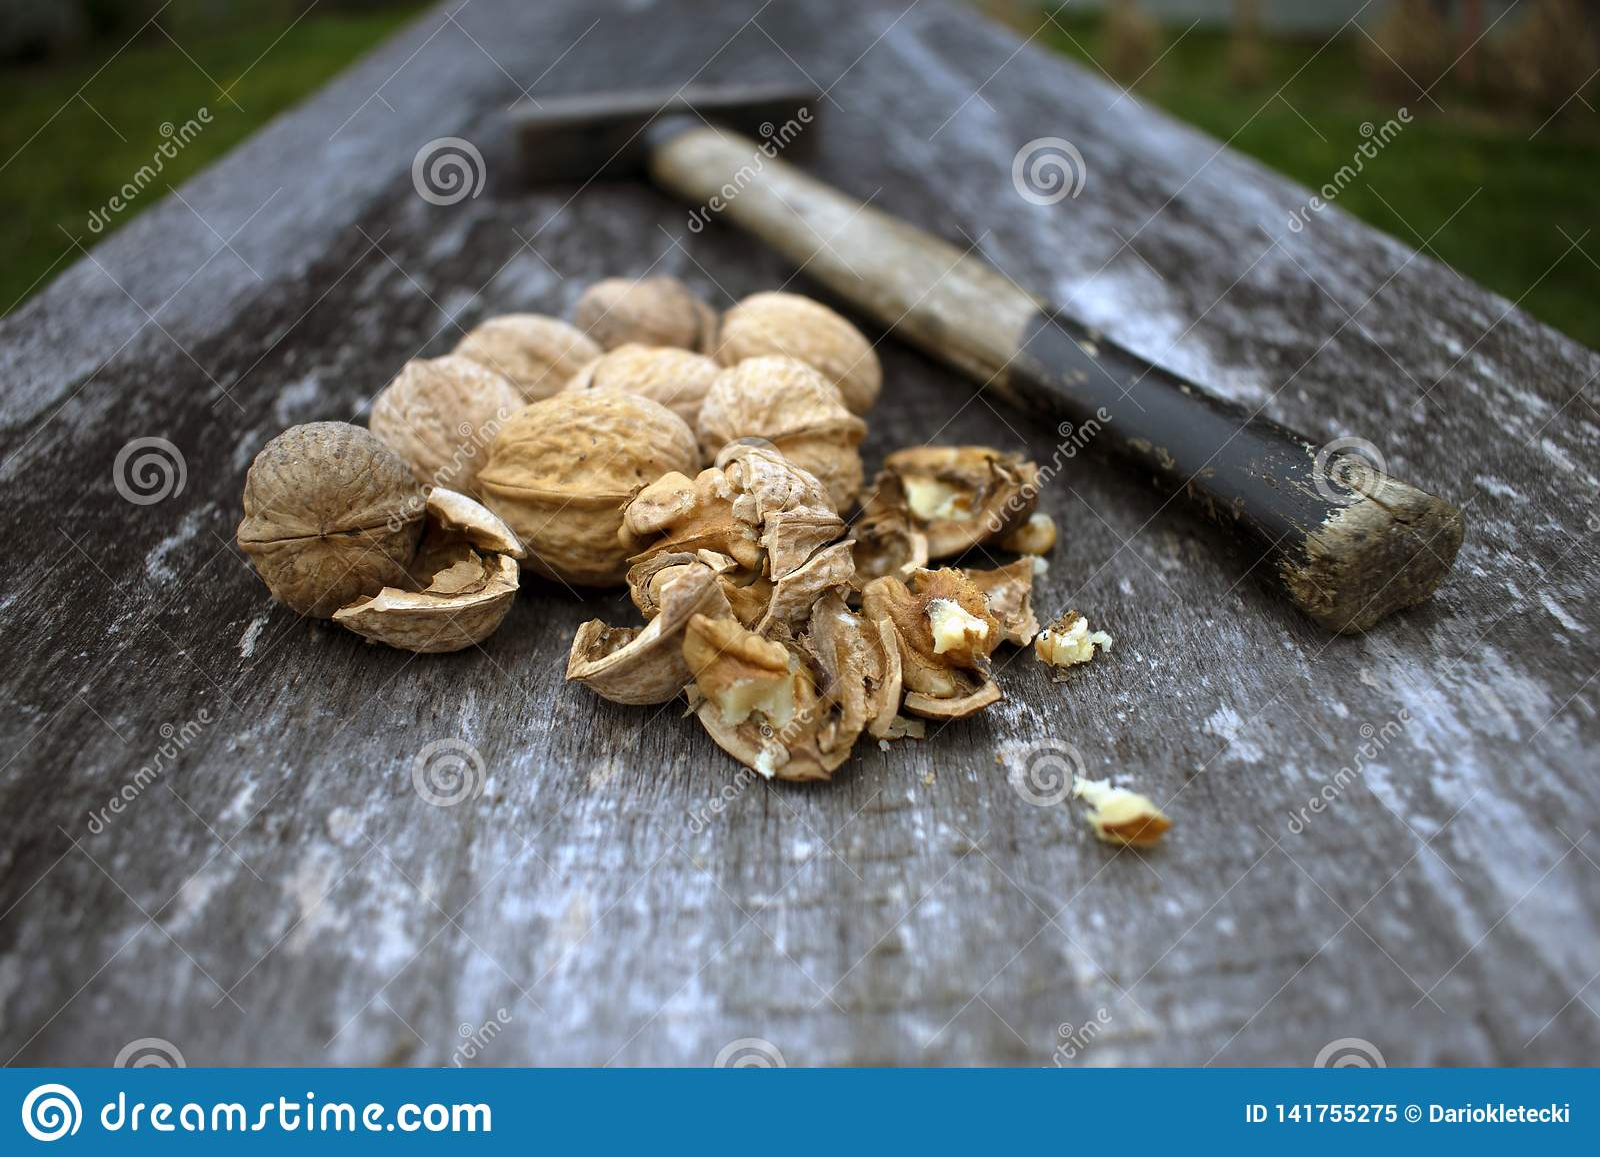 Noci incrinate sul bordo di legno rustico